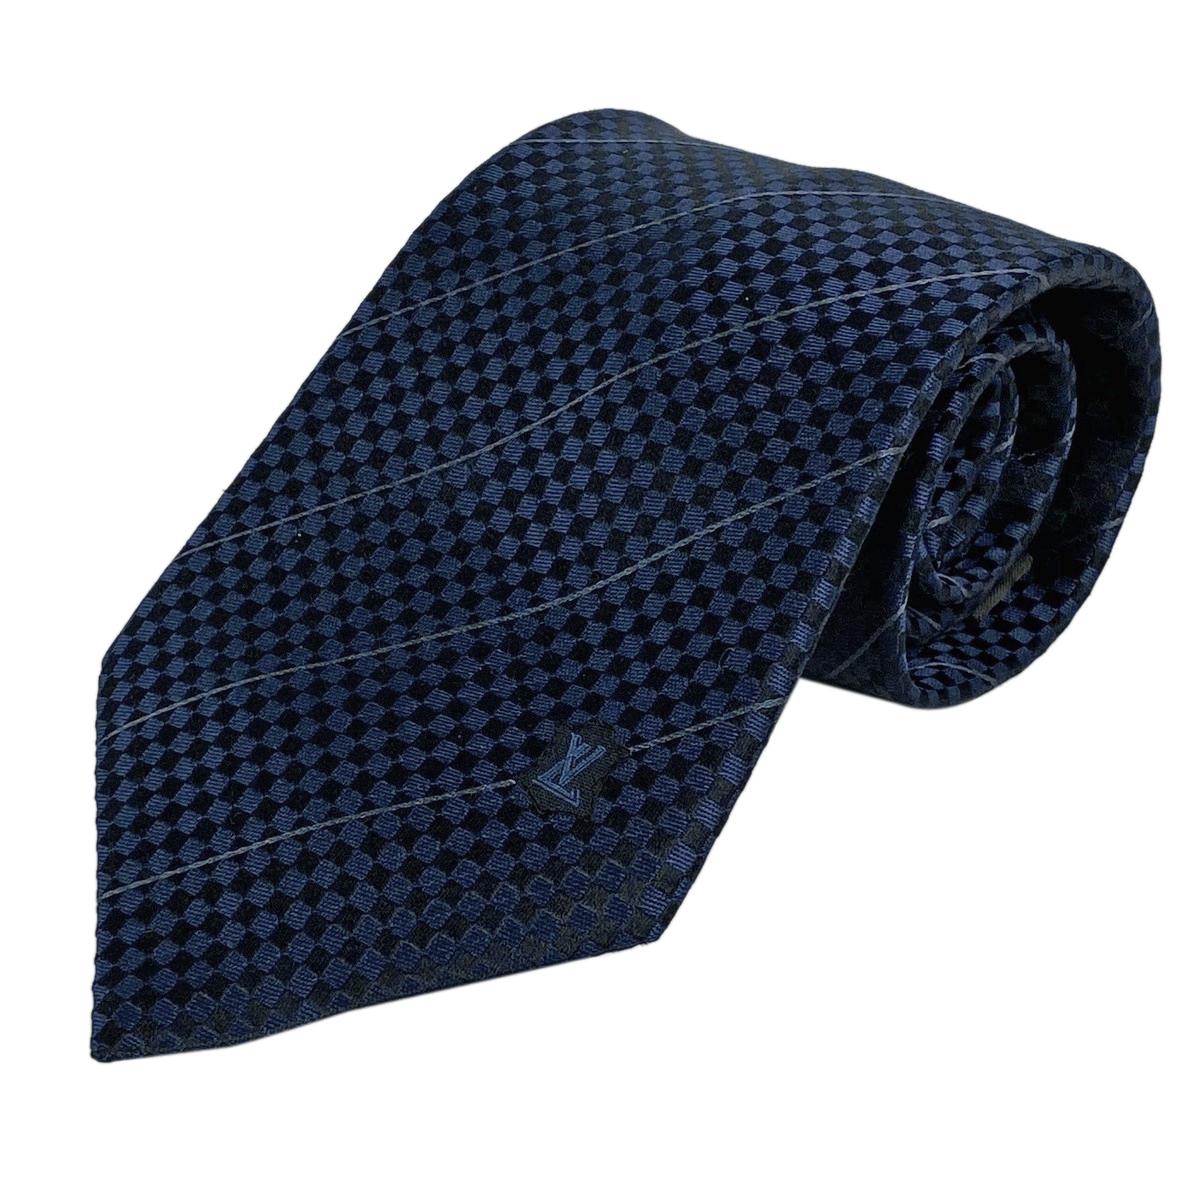 ルイ・ヴィトン Louis Vuitton ネクタイ ダイヤ柄 紳士 ビジネス ネクタイ シルク ネイビー ブラック メンズ 【中古】